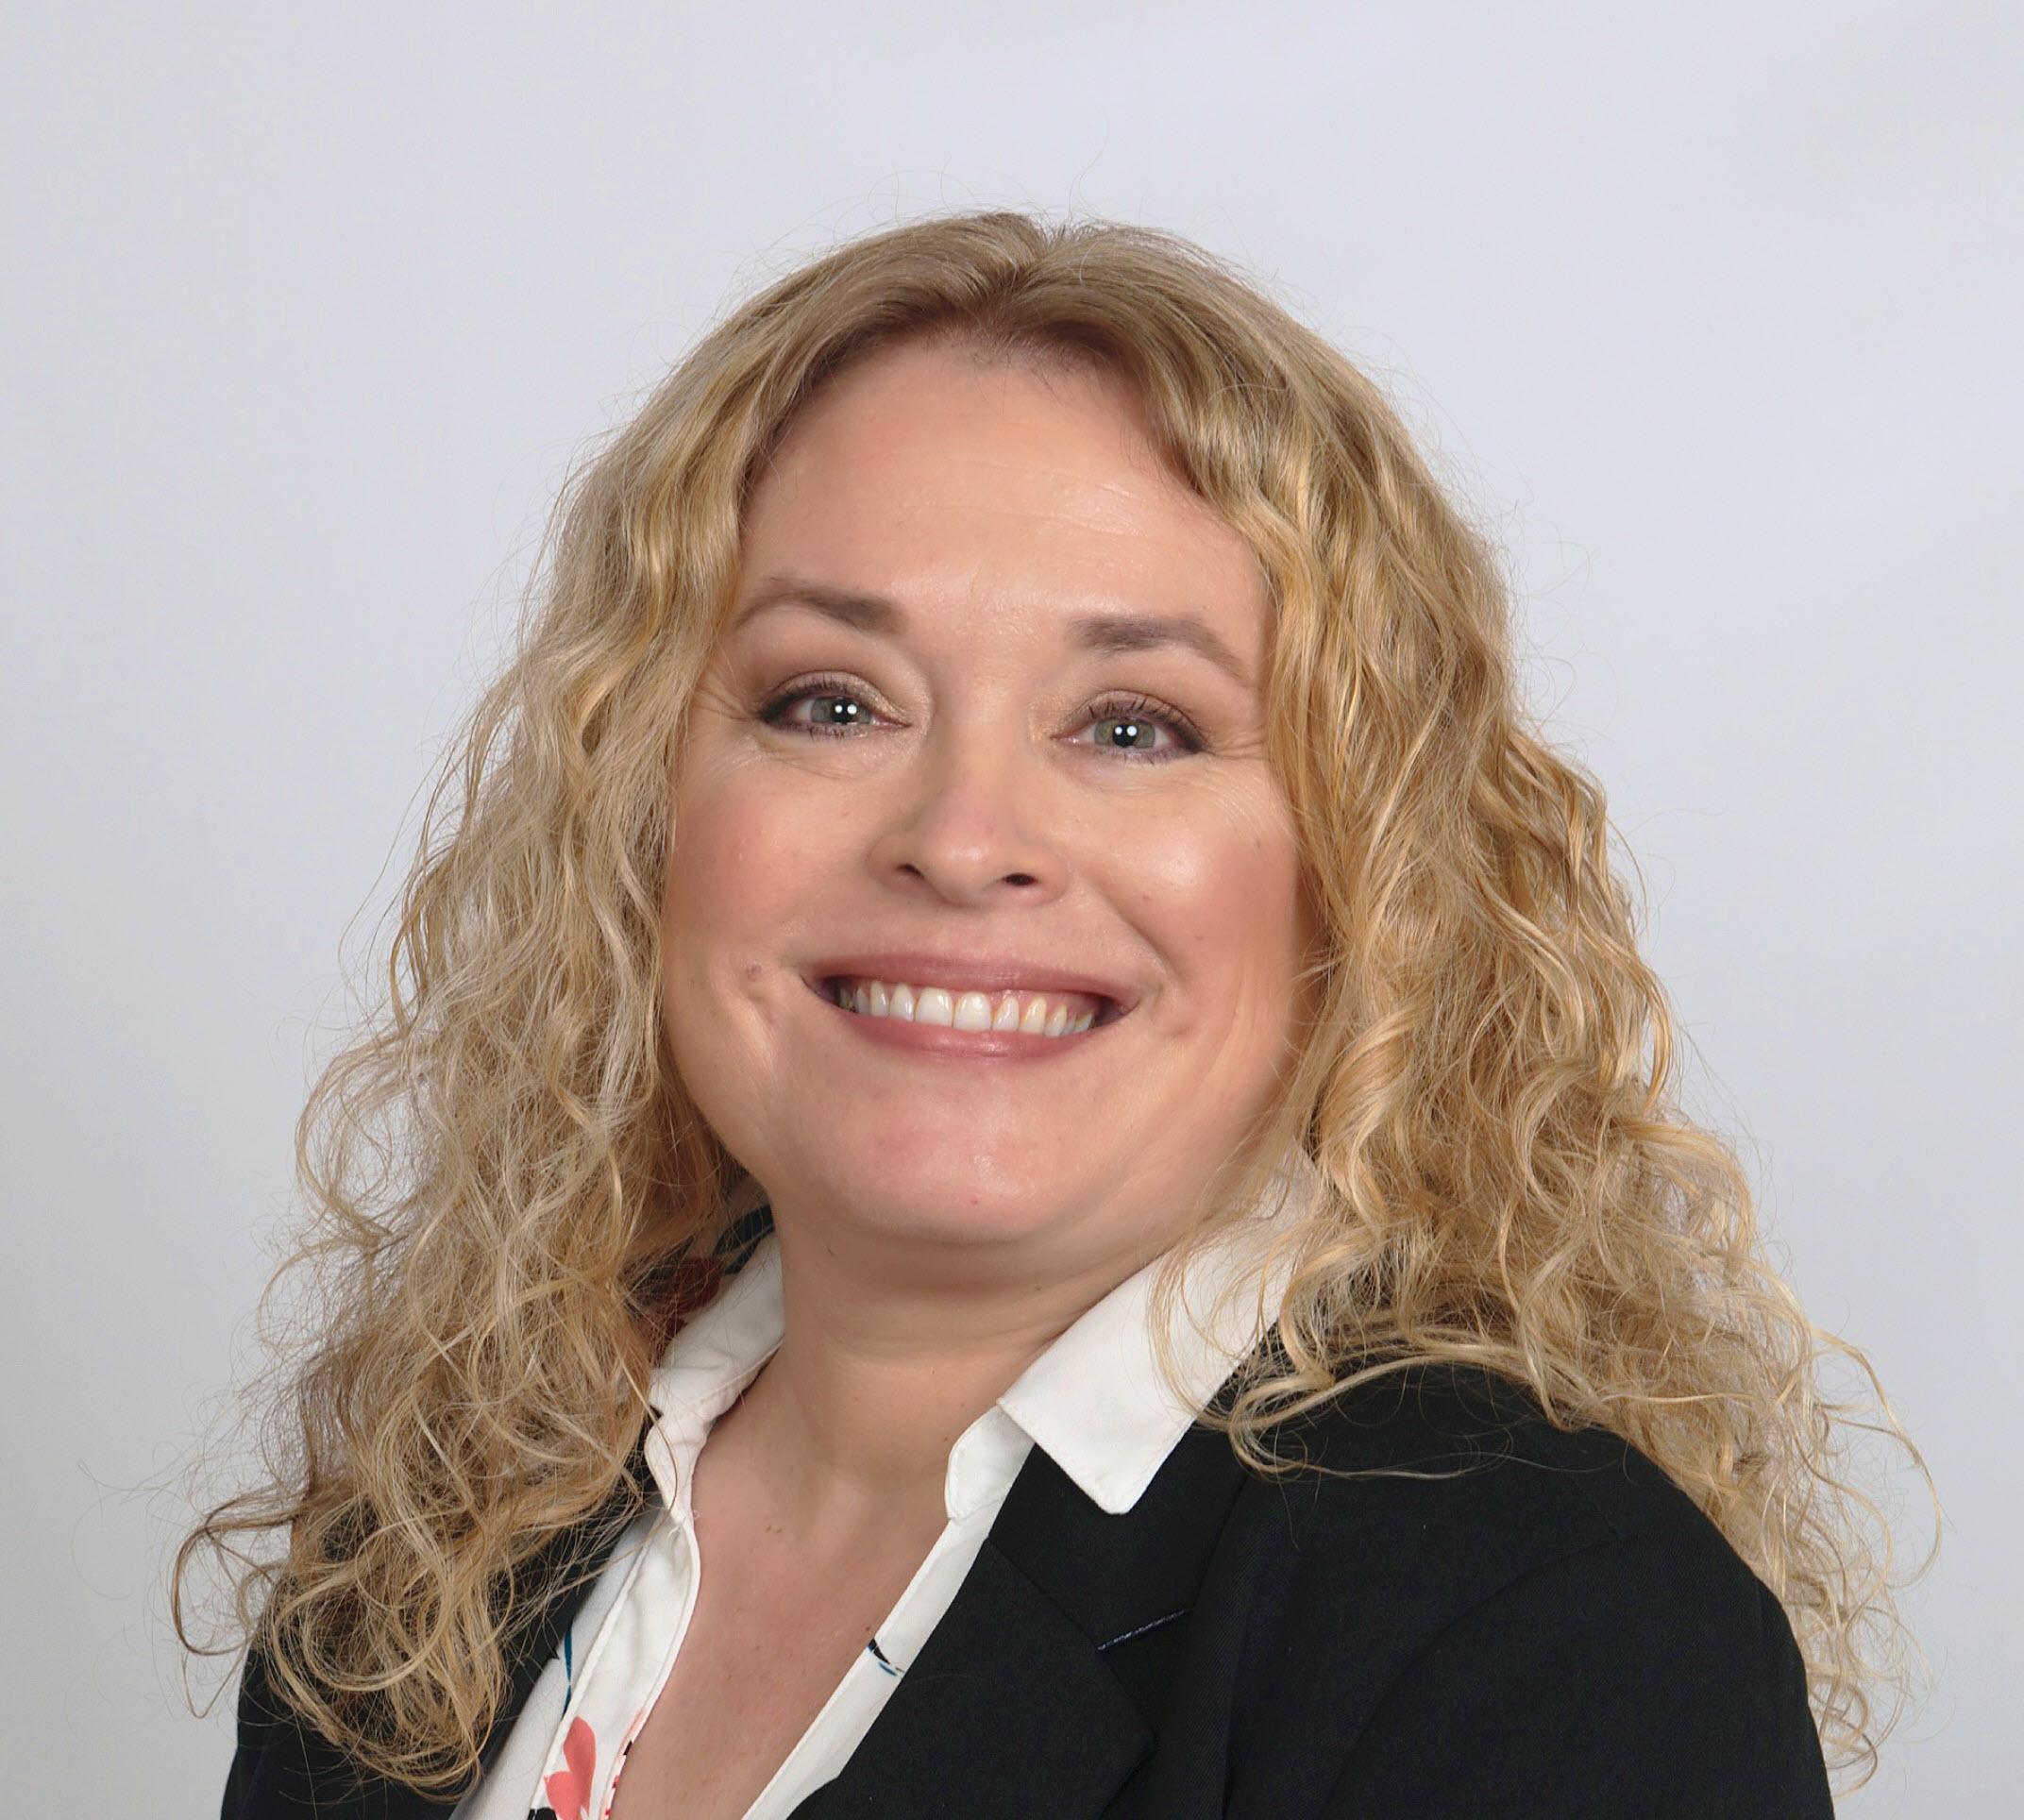 Monica Caraway